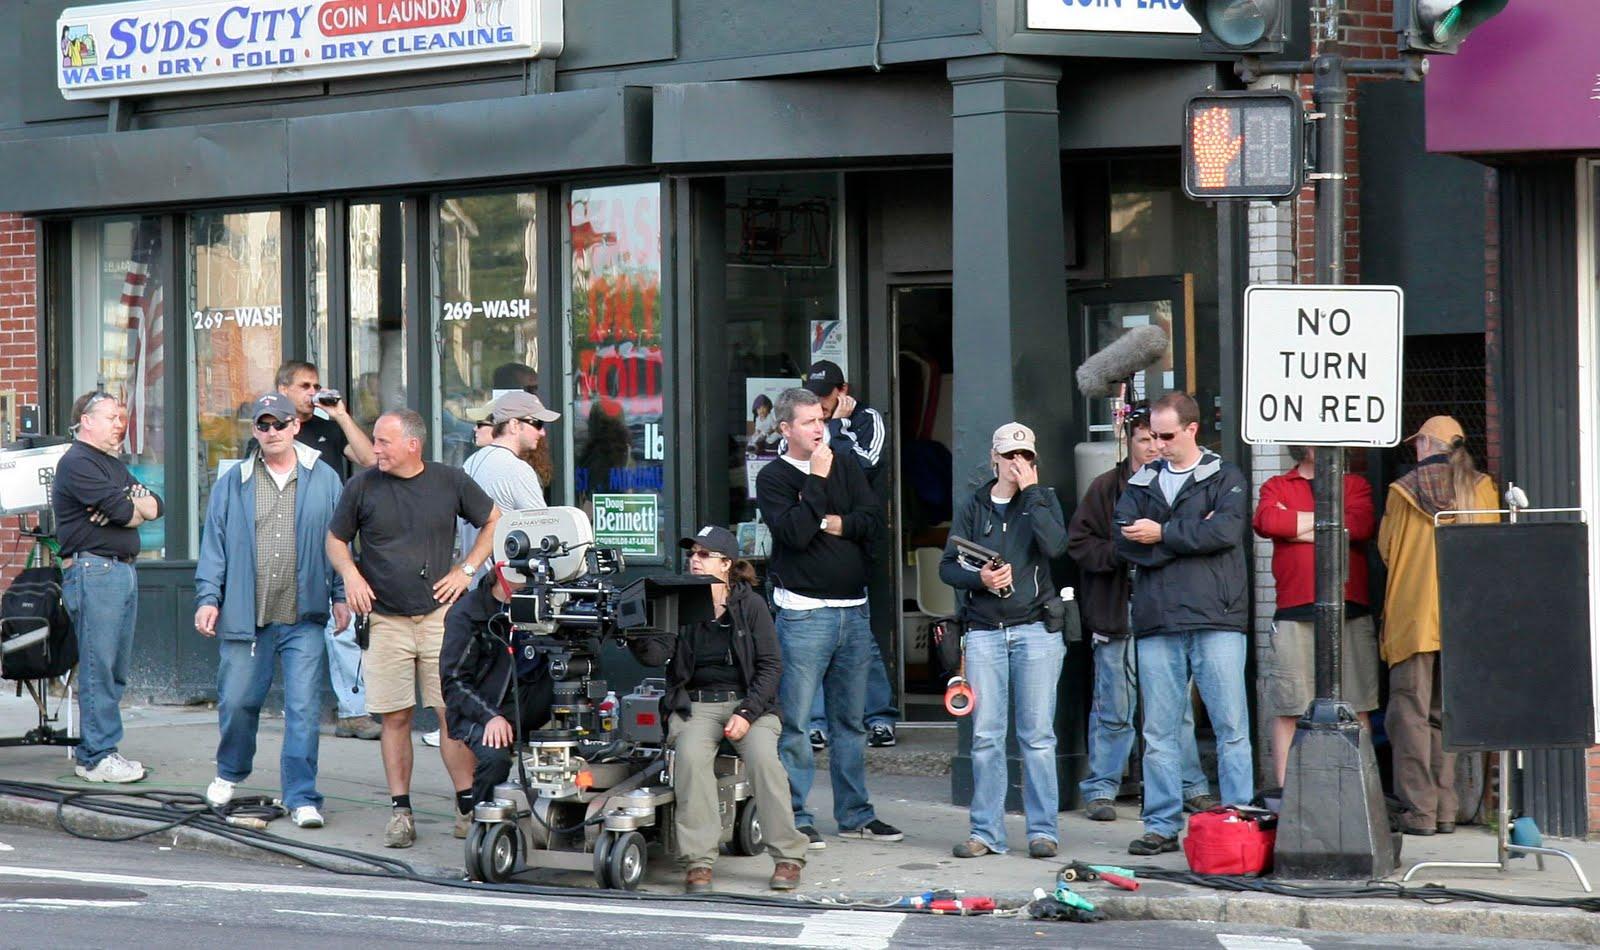 http://1.bp.blogspot.com/_9jUDh9G2PUA/S-4UwGRQ5iI/AAAAAAAAGEk/DpP1B7sTUvA/s1600/TheTown_FilmCrew.JPG